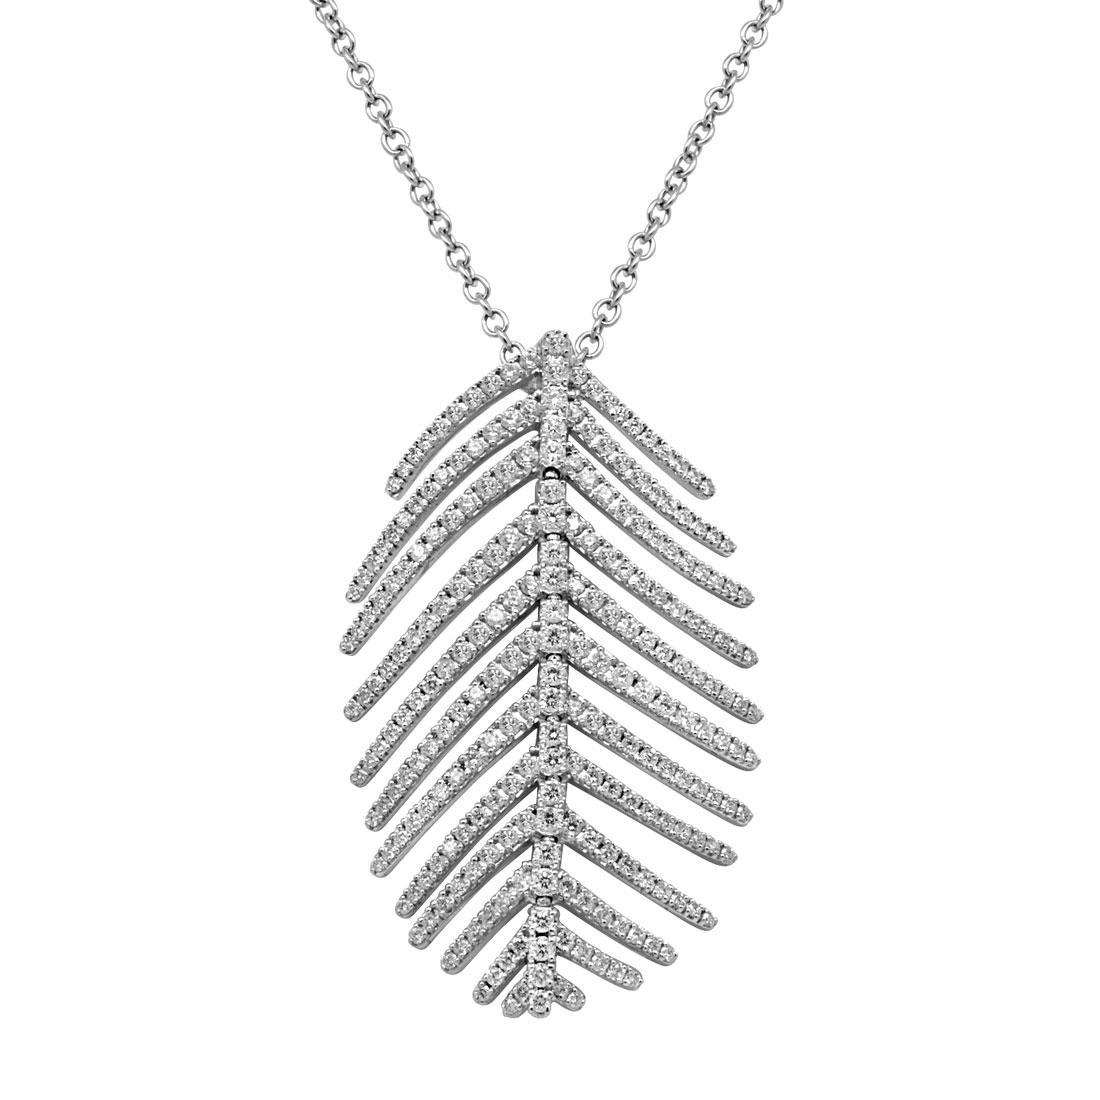 Collier in oro bianco pendente design piuma - SALVINI